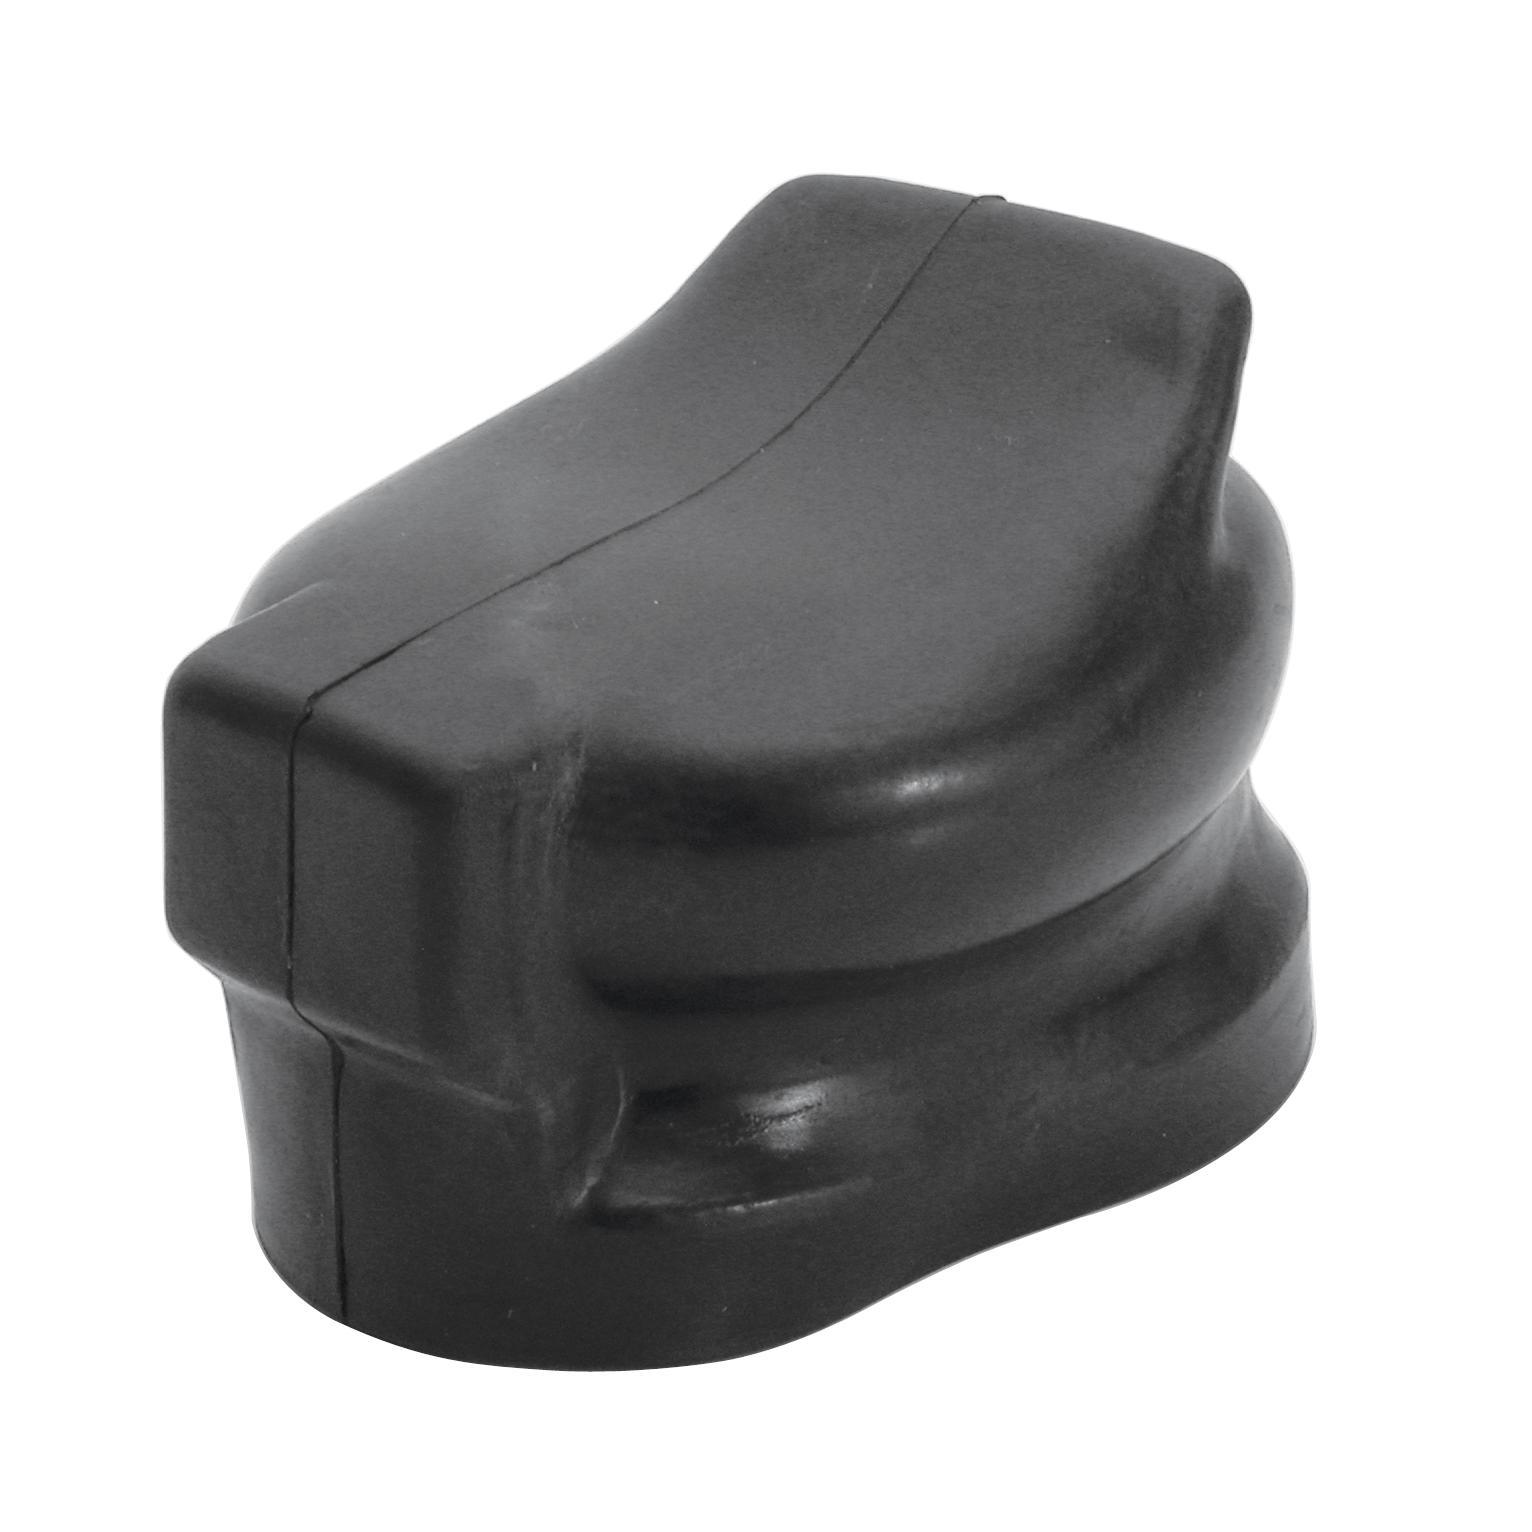 accessoires remorque adnautomid housse pour prise 7p 217477. Black Bedroom Furniture Sets. Home Design Ideas